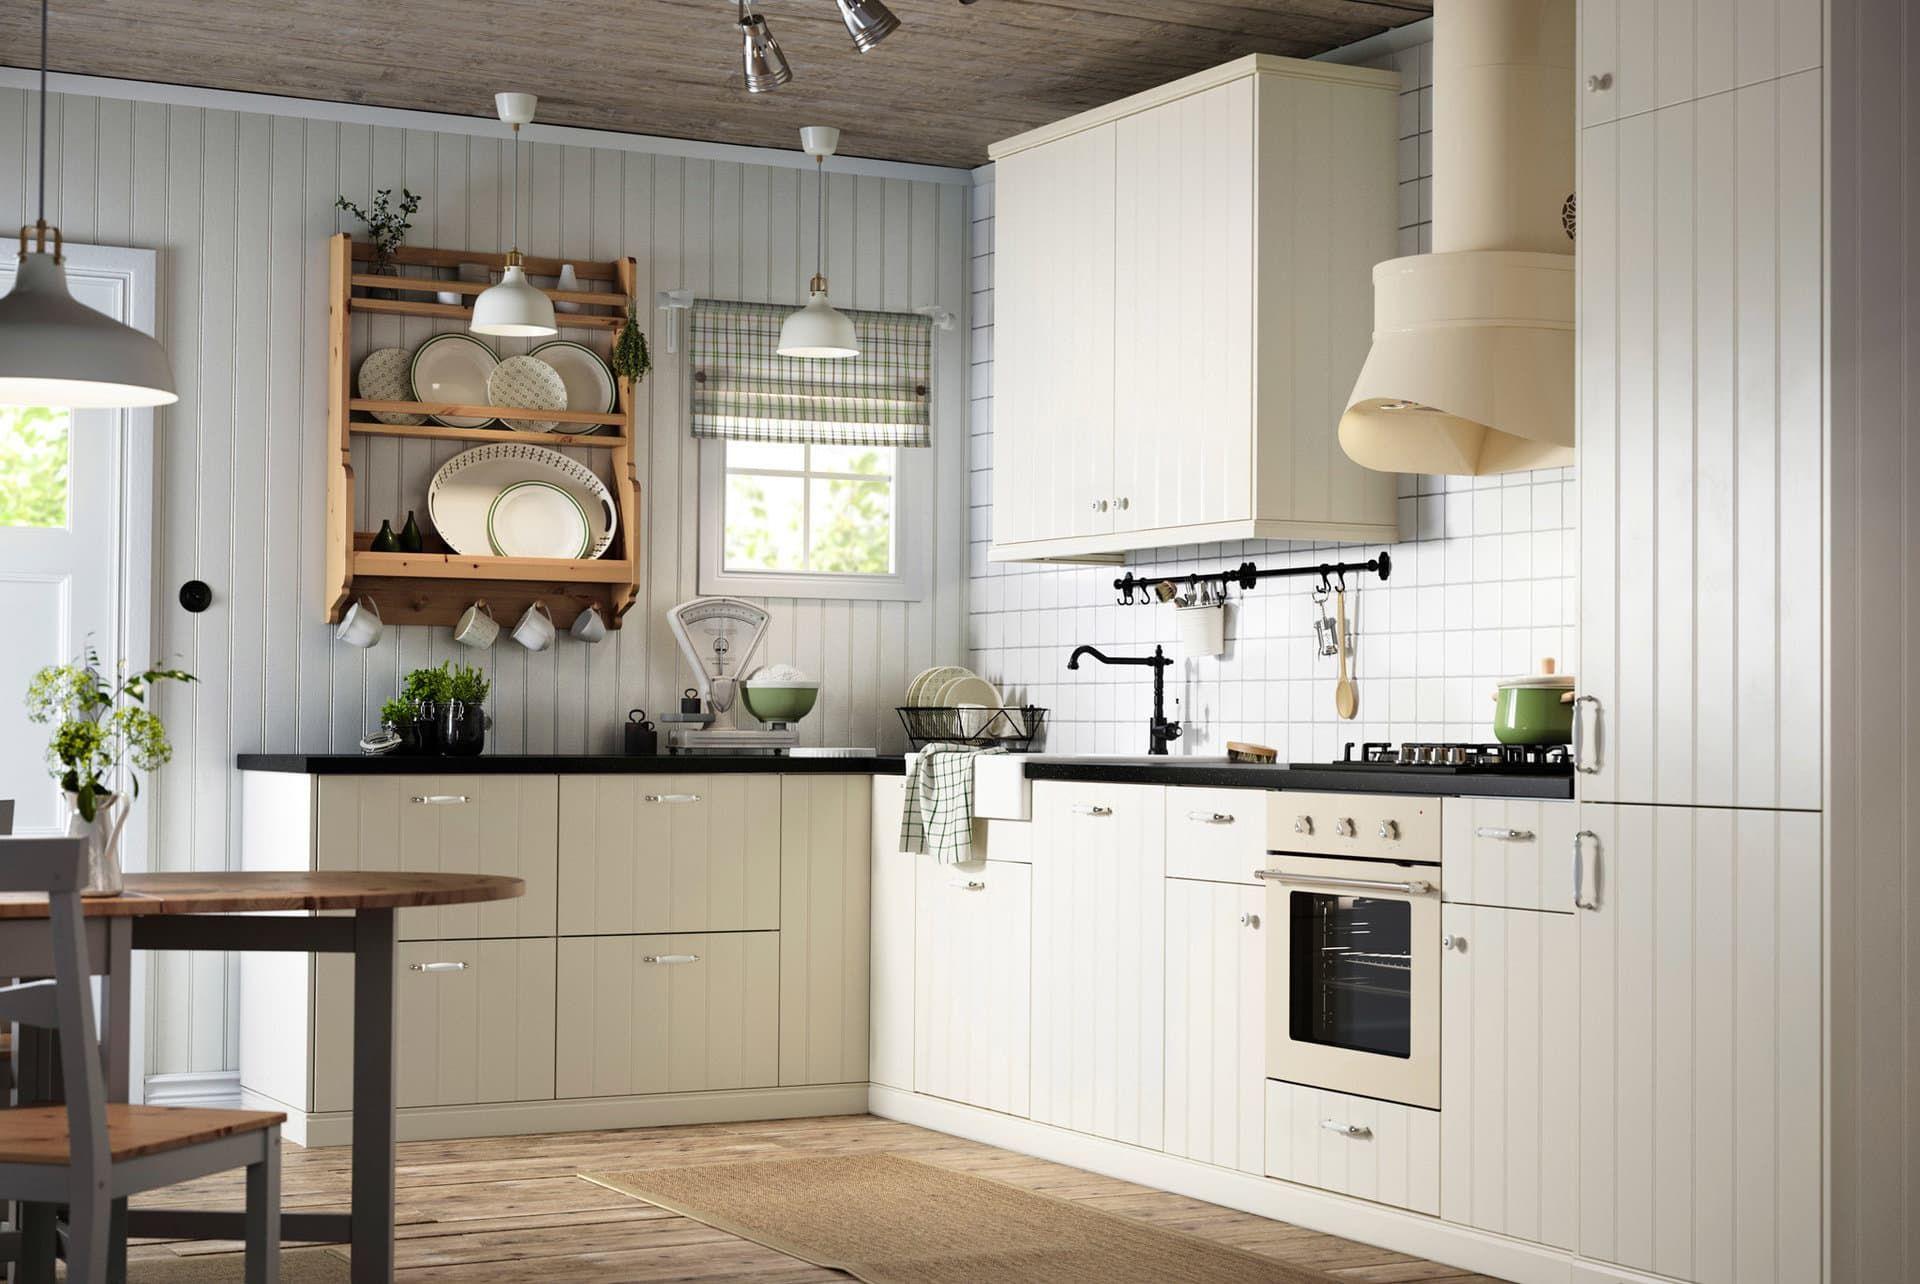 Простая геометрия: планировка угловой кухни